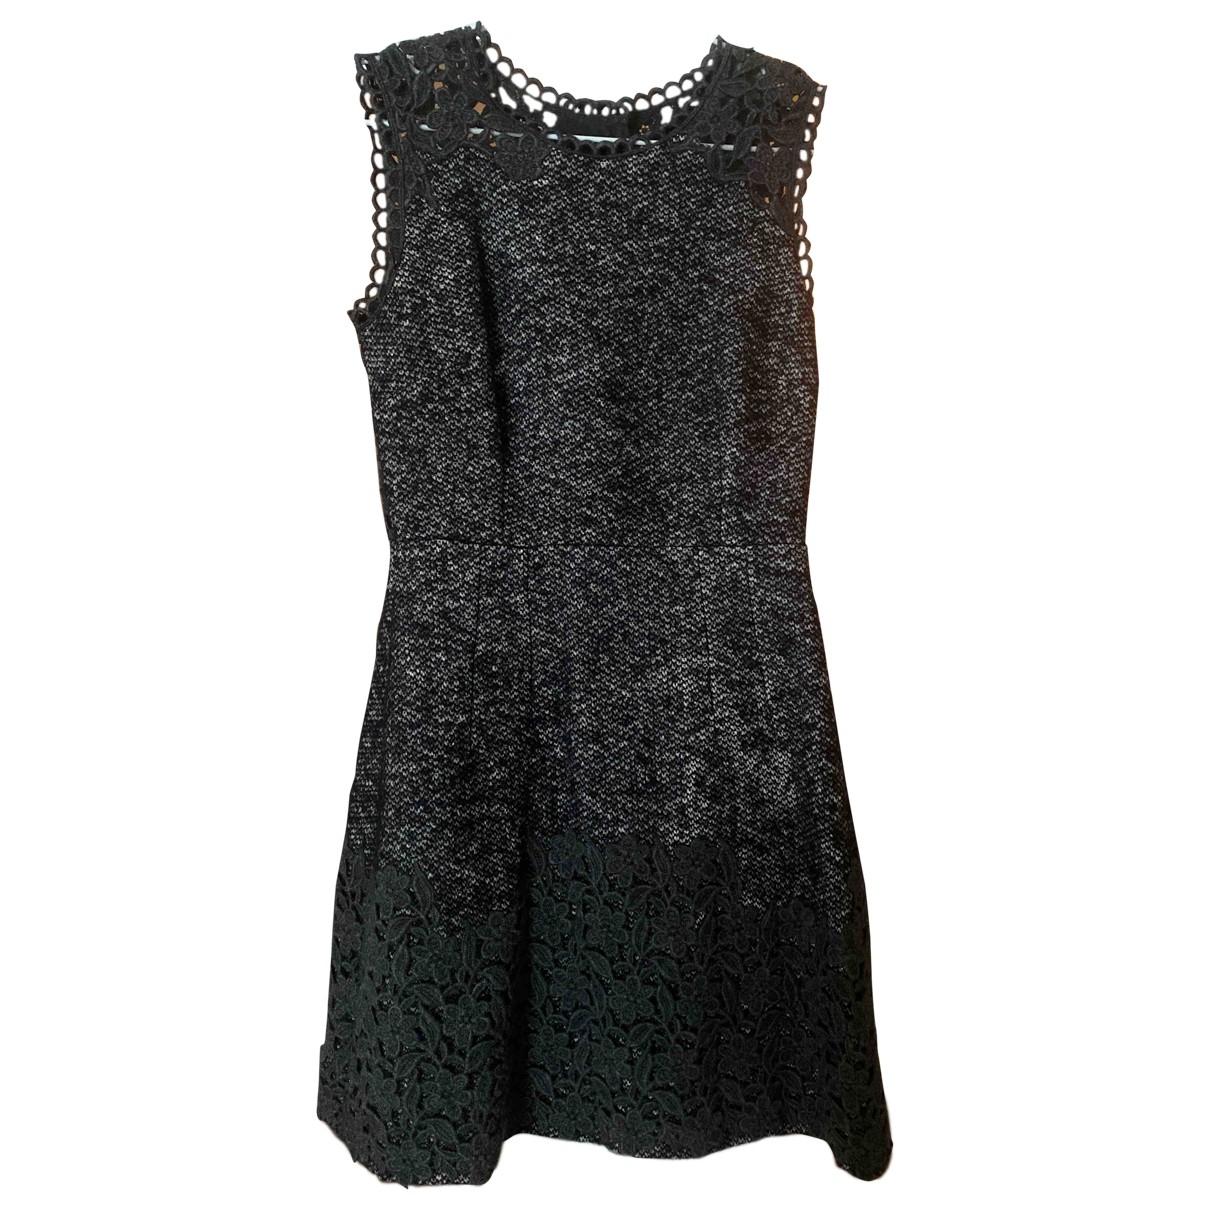 Dolce & Gabbana \N Grey Wool dress for Women 38 IT